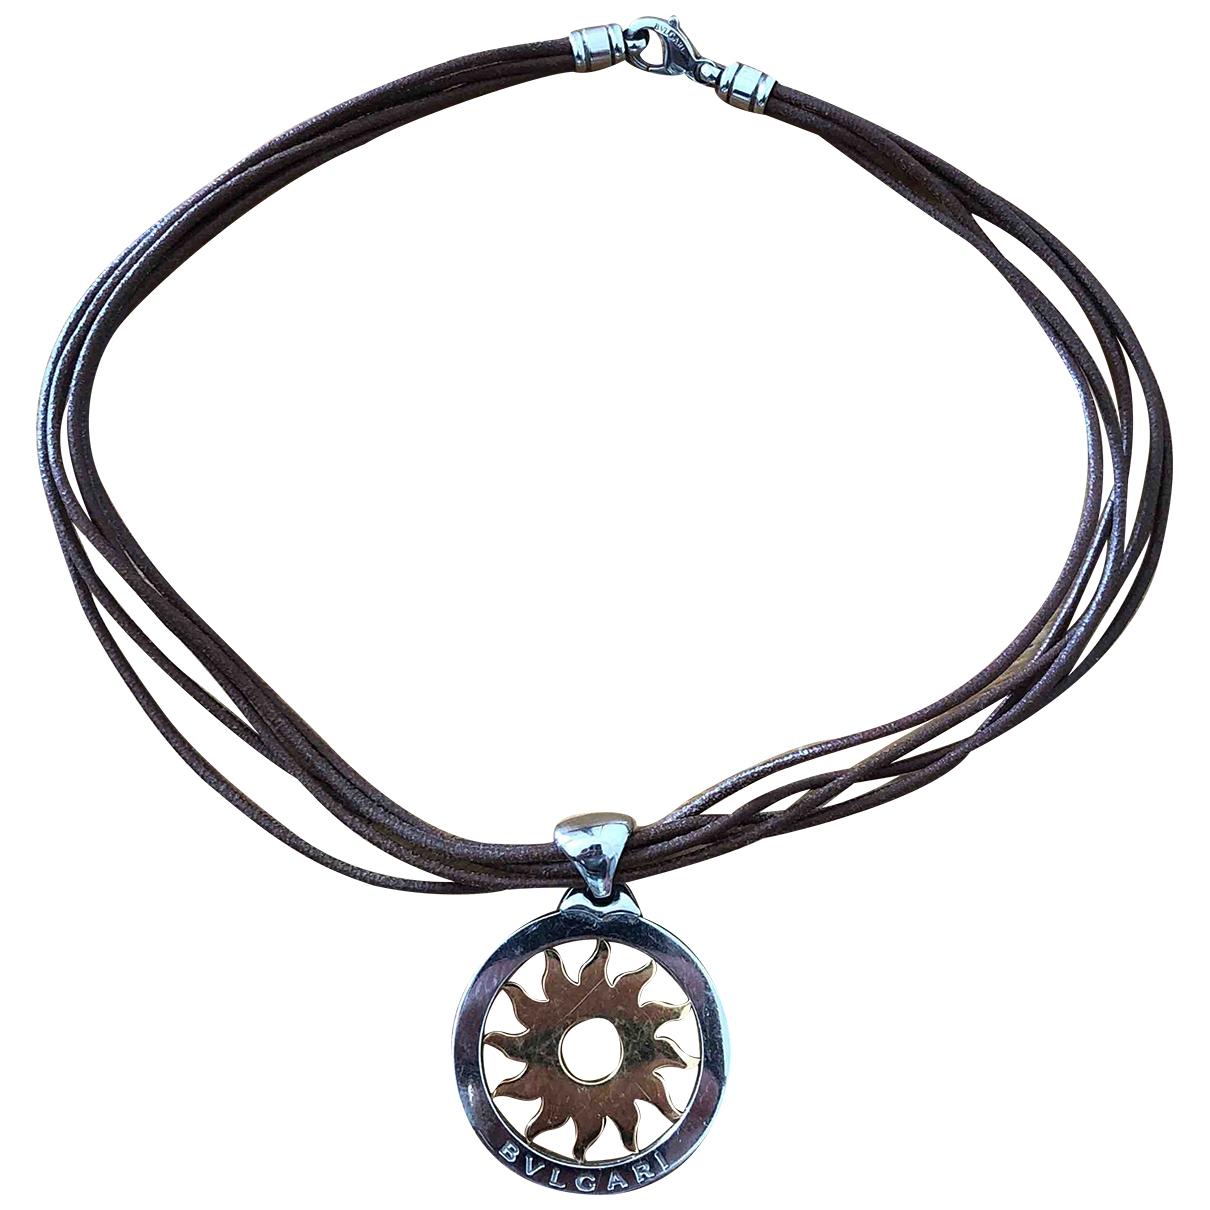 Bvlgari - Collier Tondo pour femme en or et acier